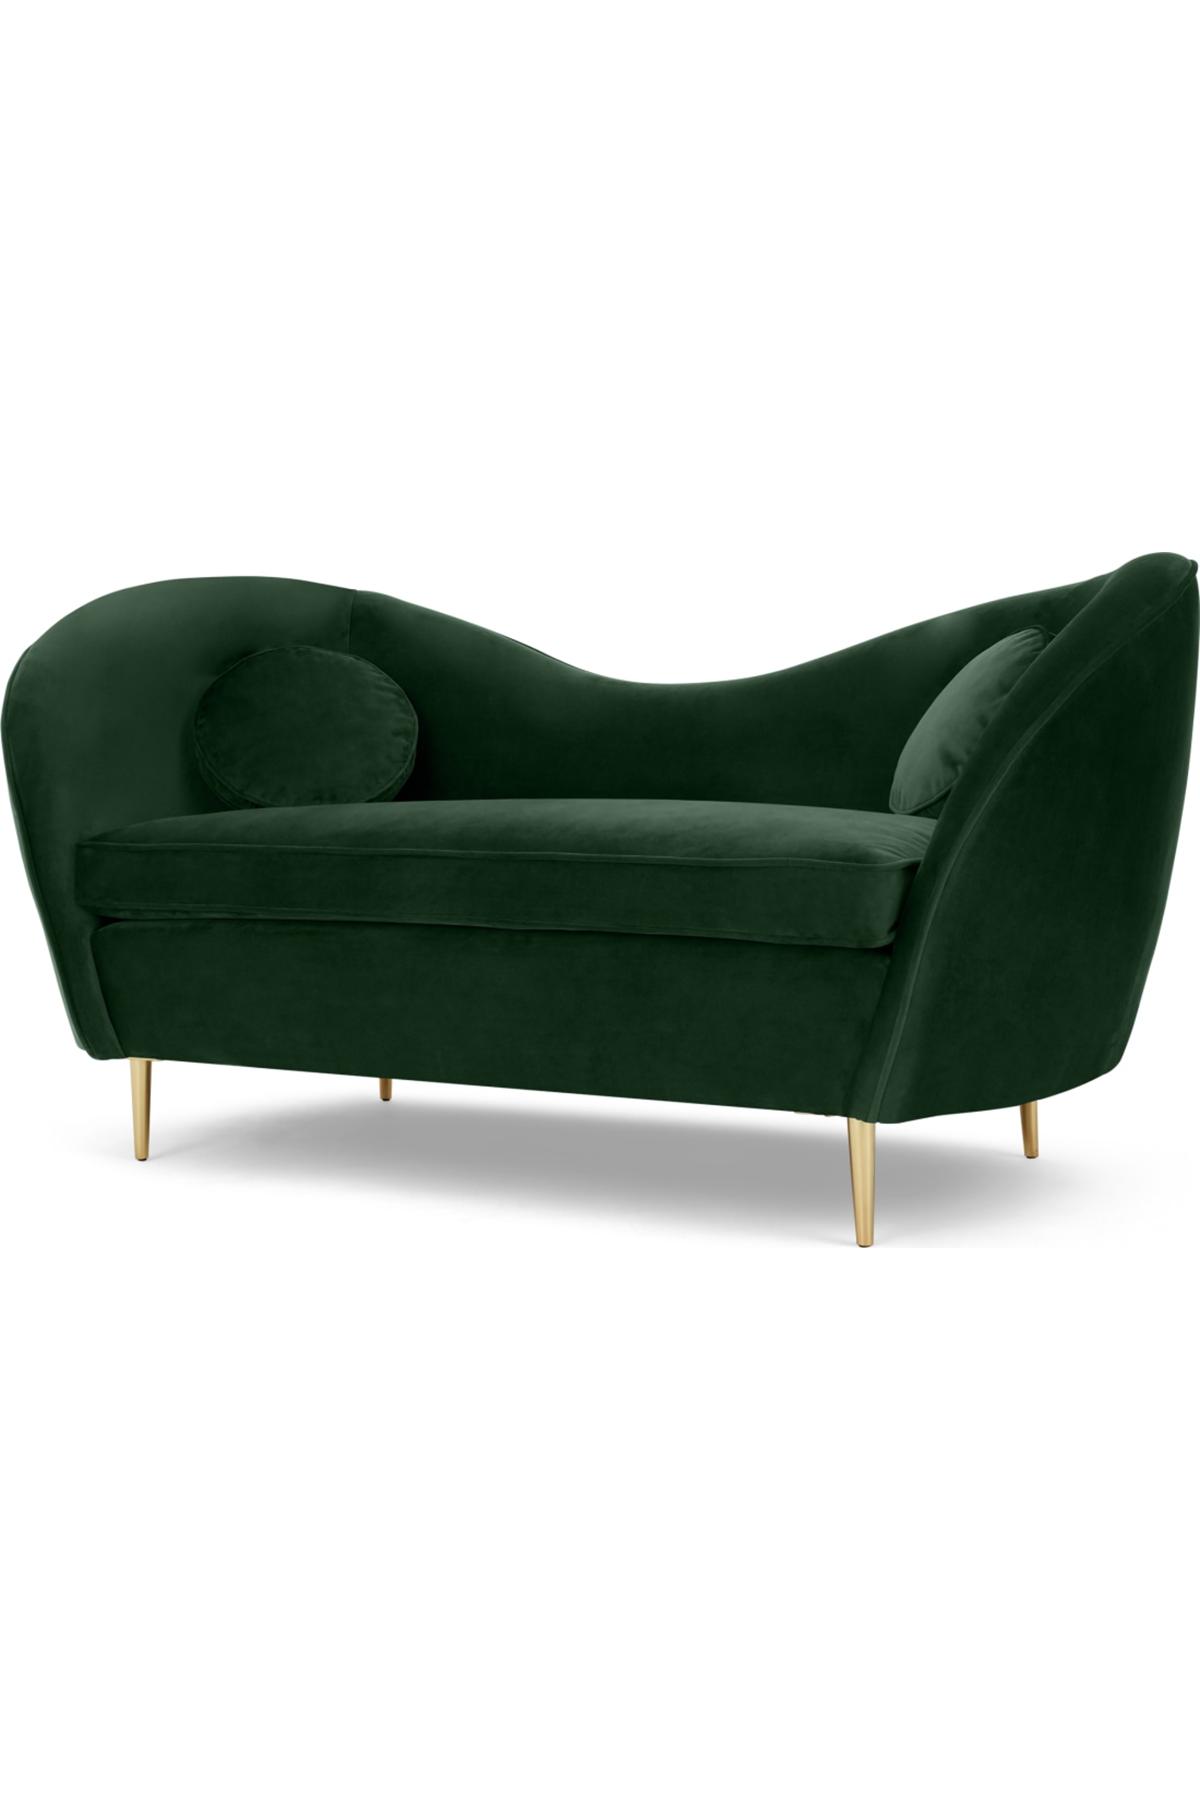 Kooper 2 Seater Sofa, Pine Green Velvet